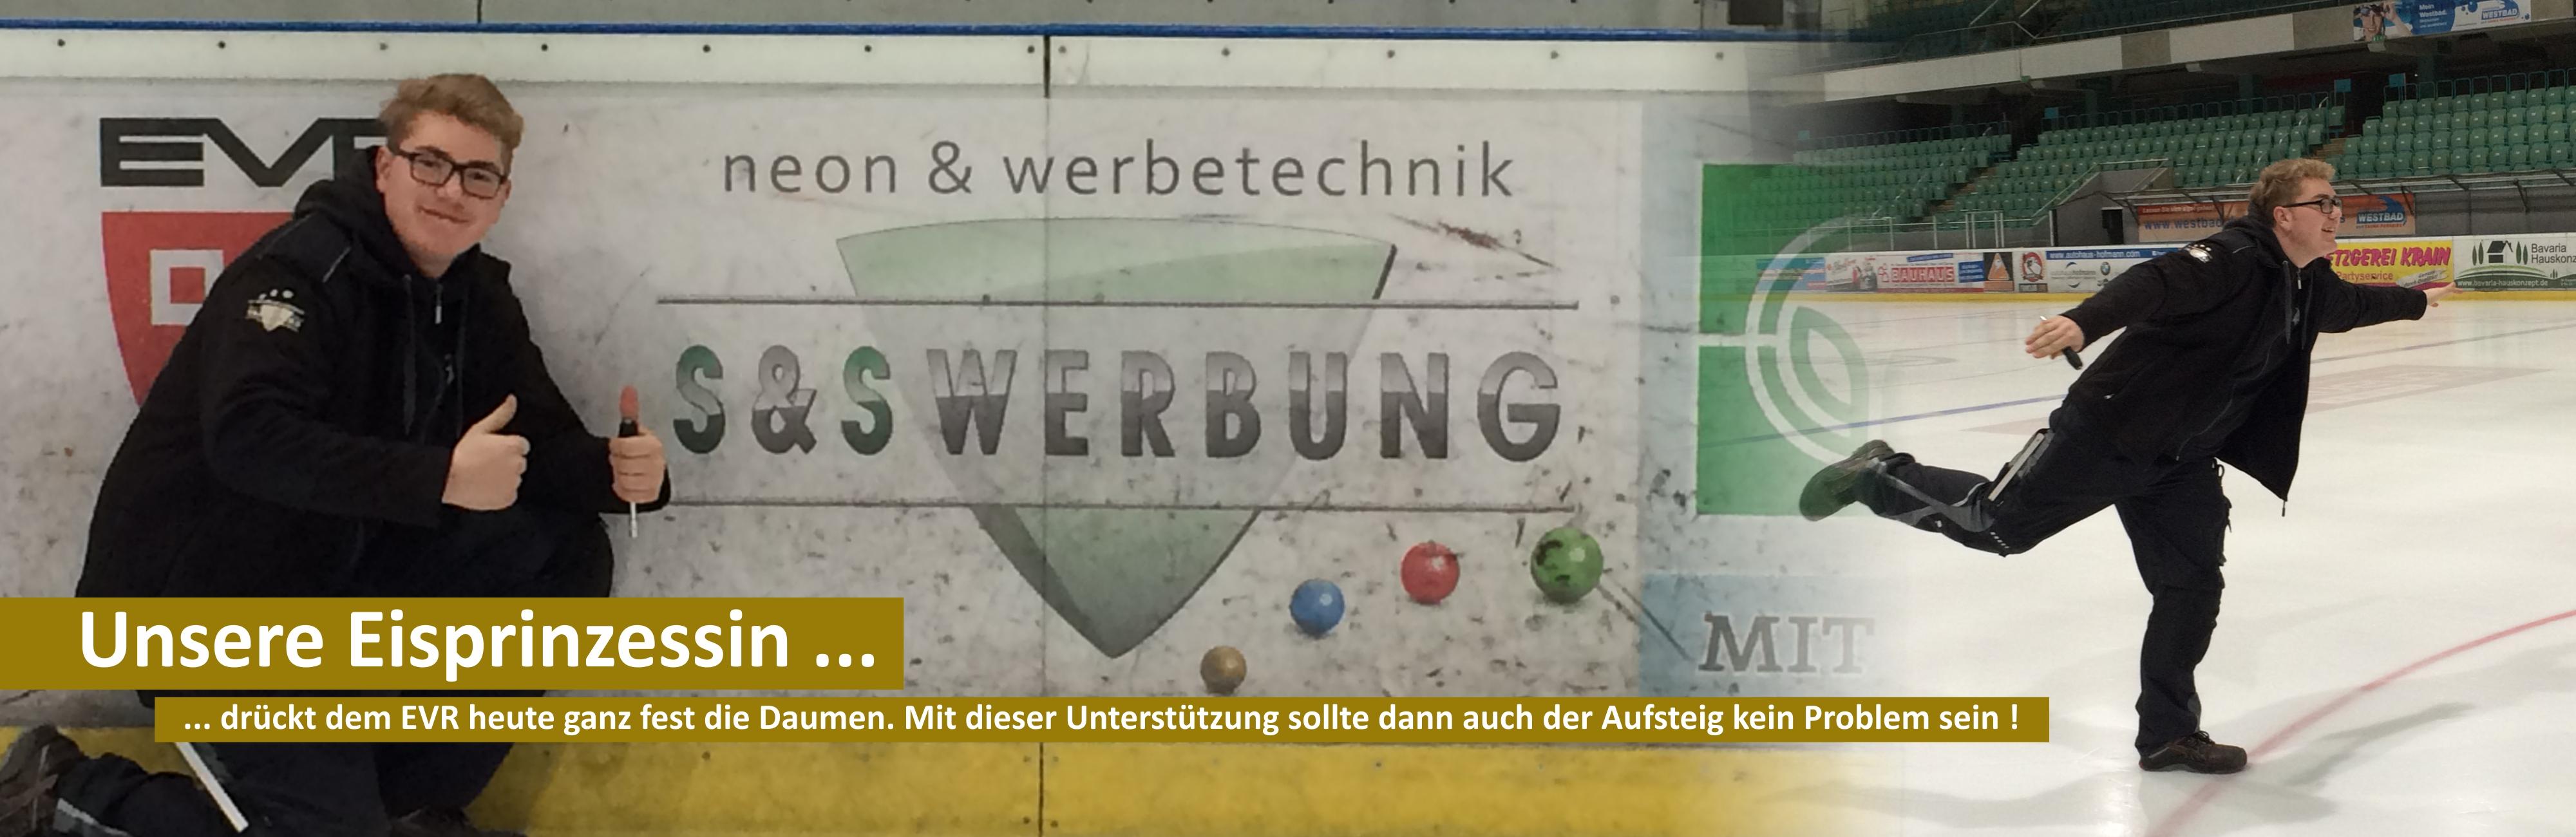 S&S Werbung, Regensburg: Daumen drücken für den EVR